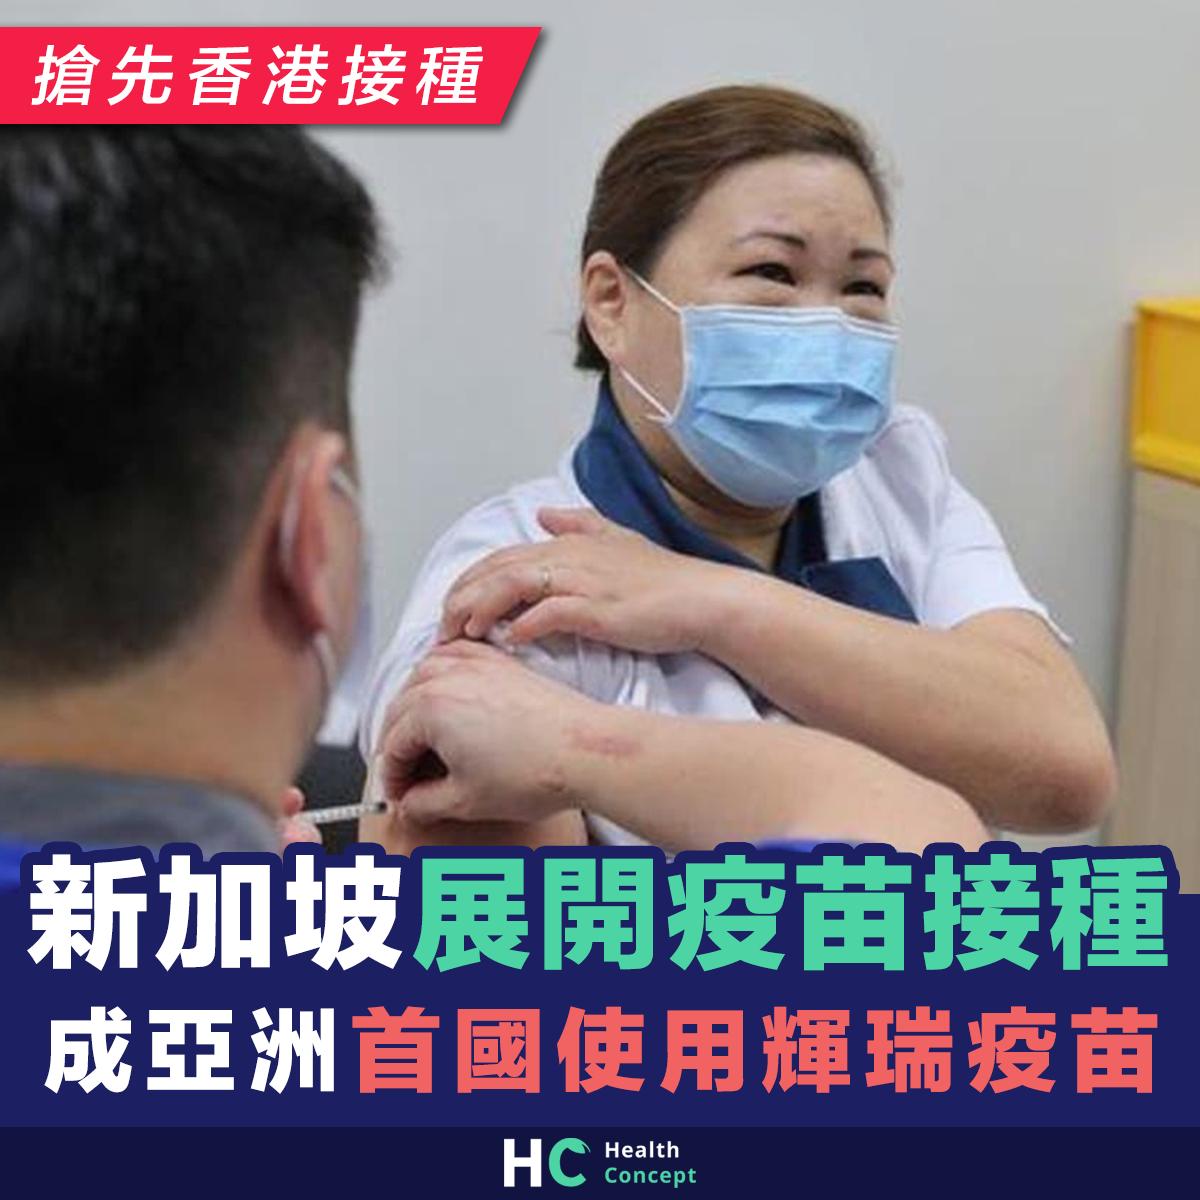 新加坡展開疫苗接種 成亞洲首國使用輝瑞疫苗